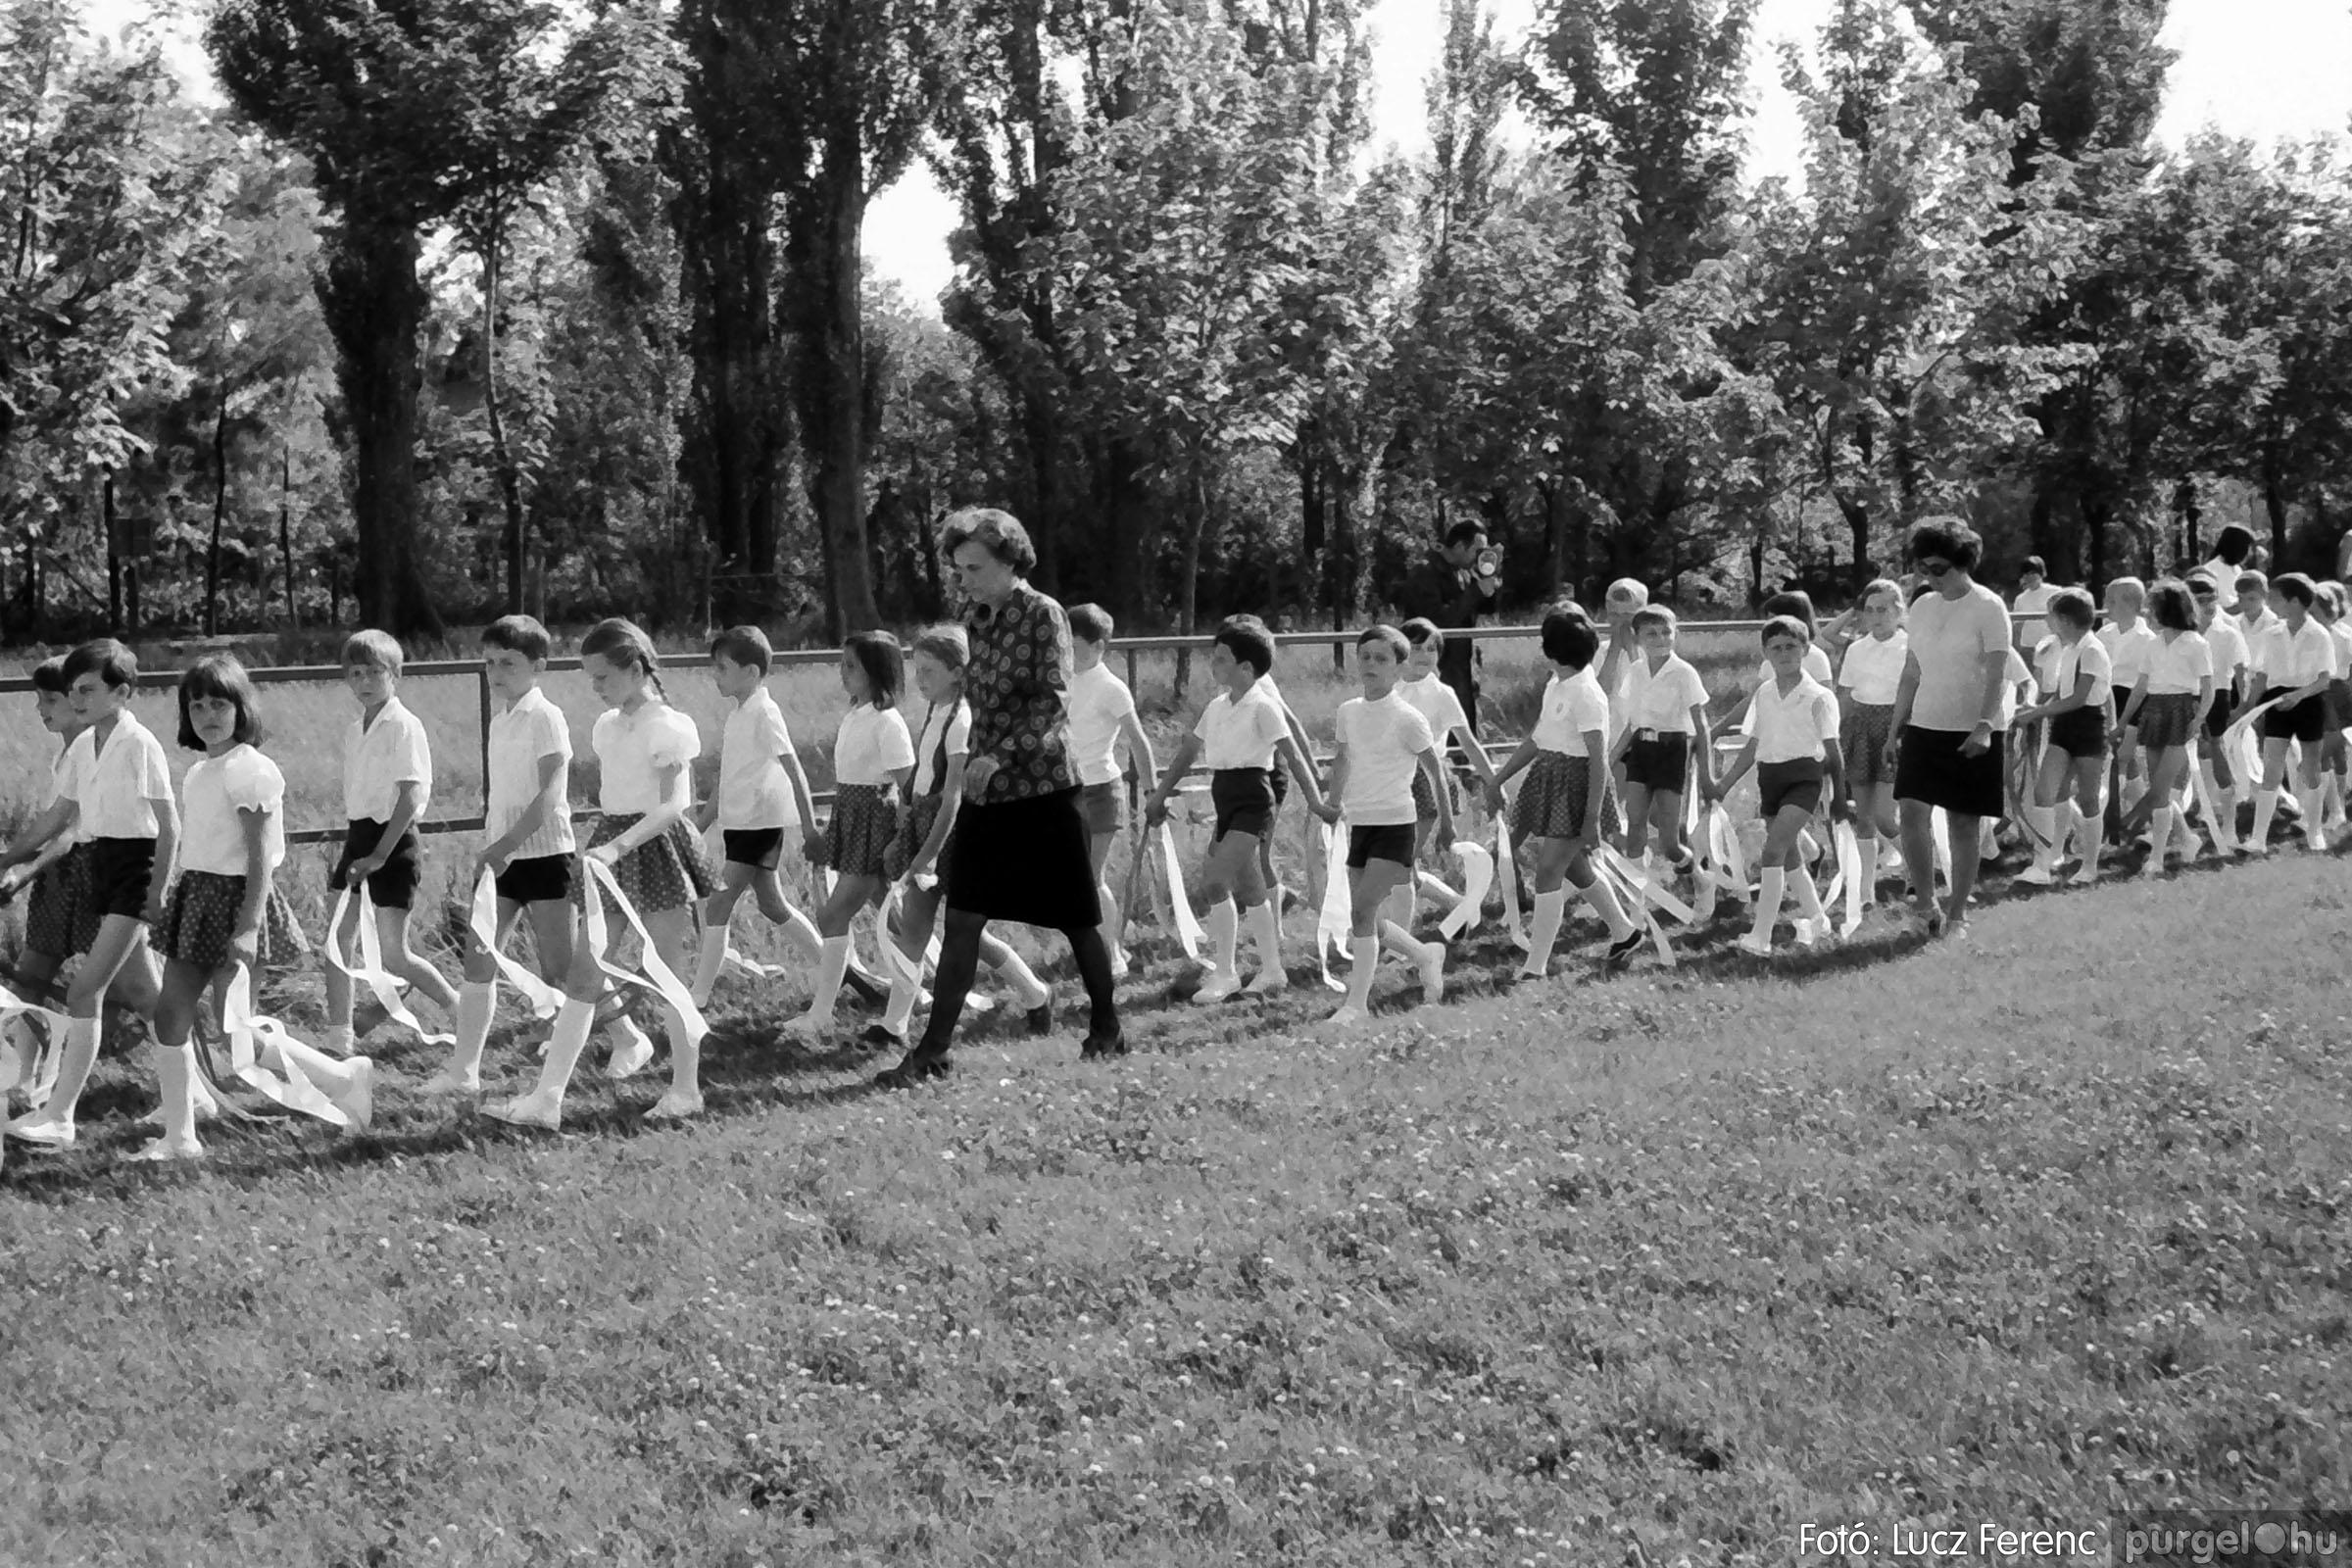 017 1975.04. Május elsejei tornabemutató főpróbája a sportpályán 020 - Fotó: Lucz Ferenc IMG00021q.jpg